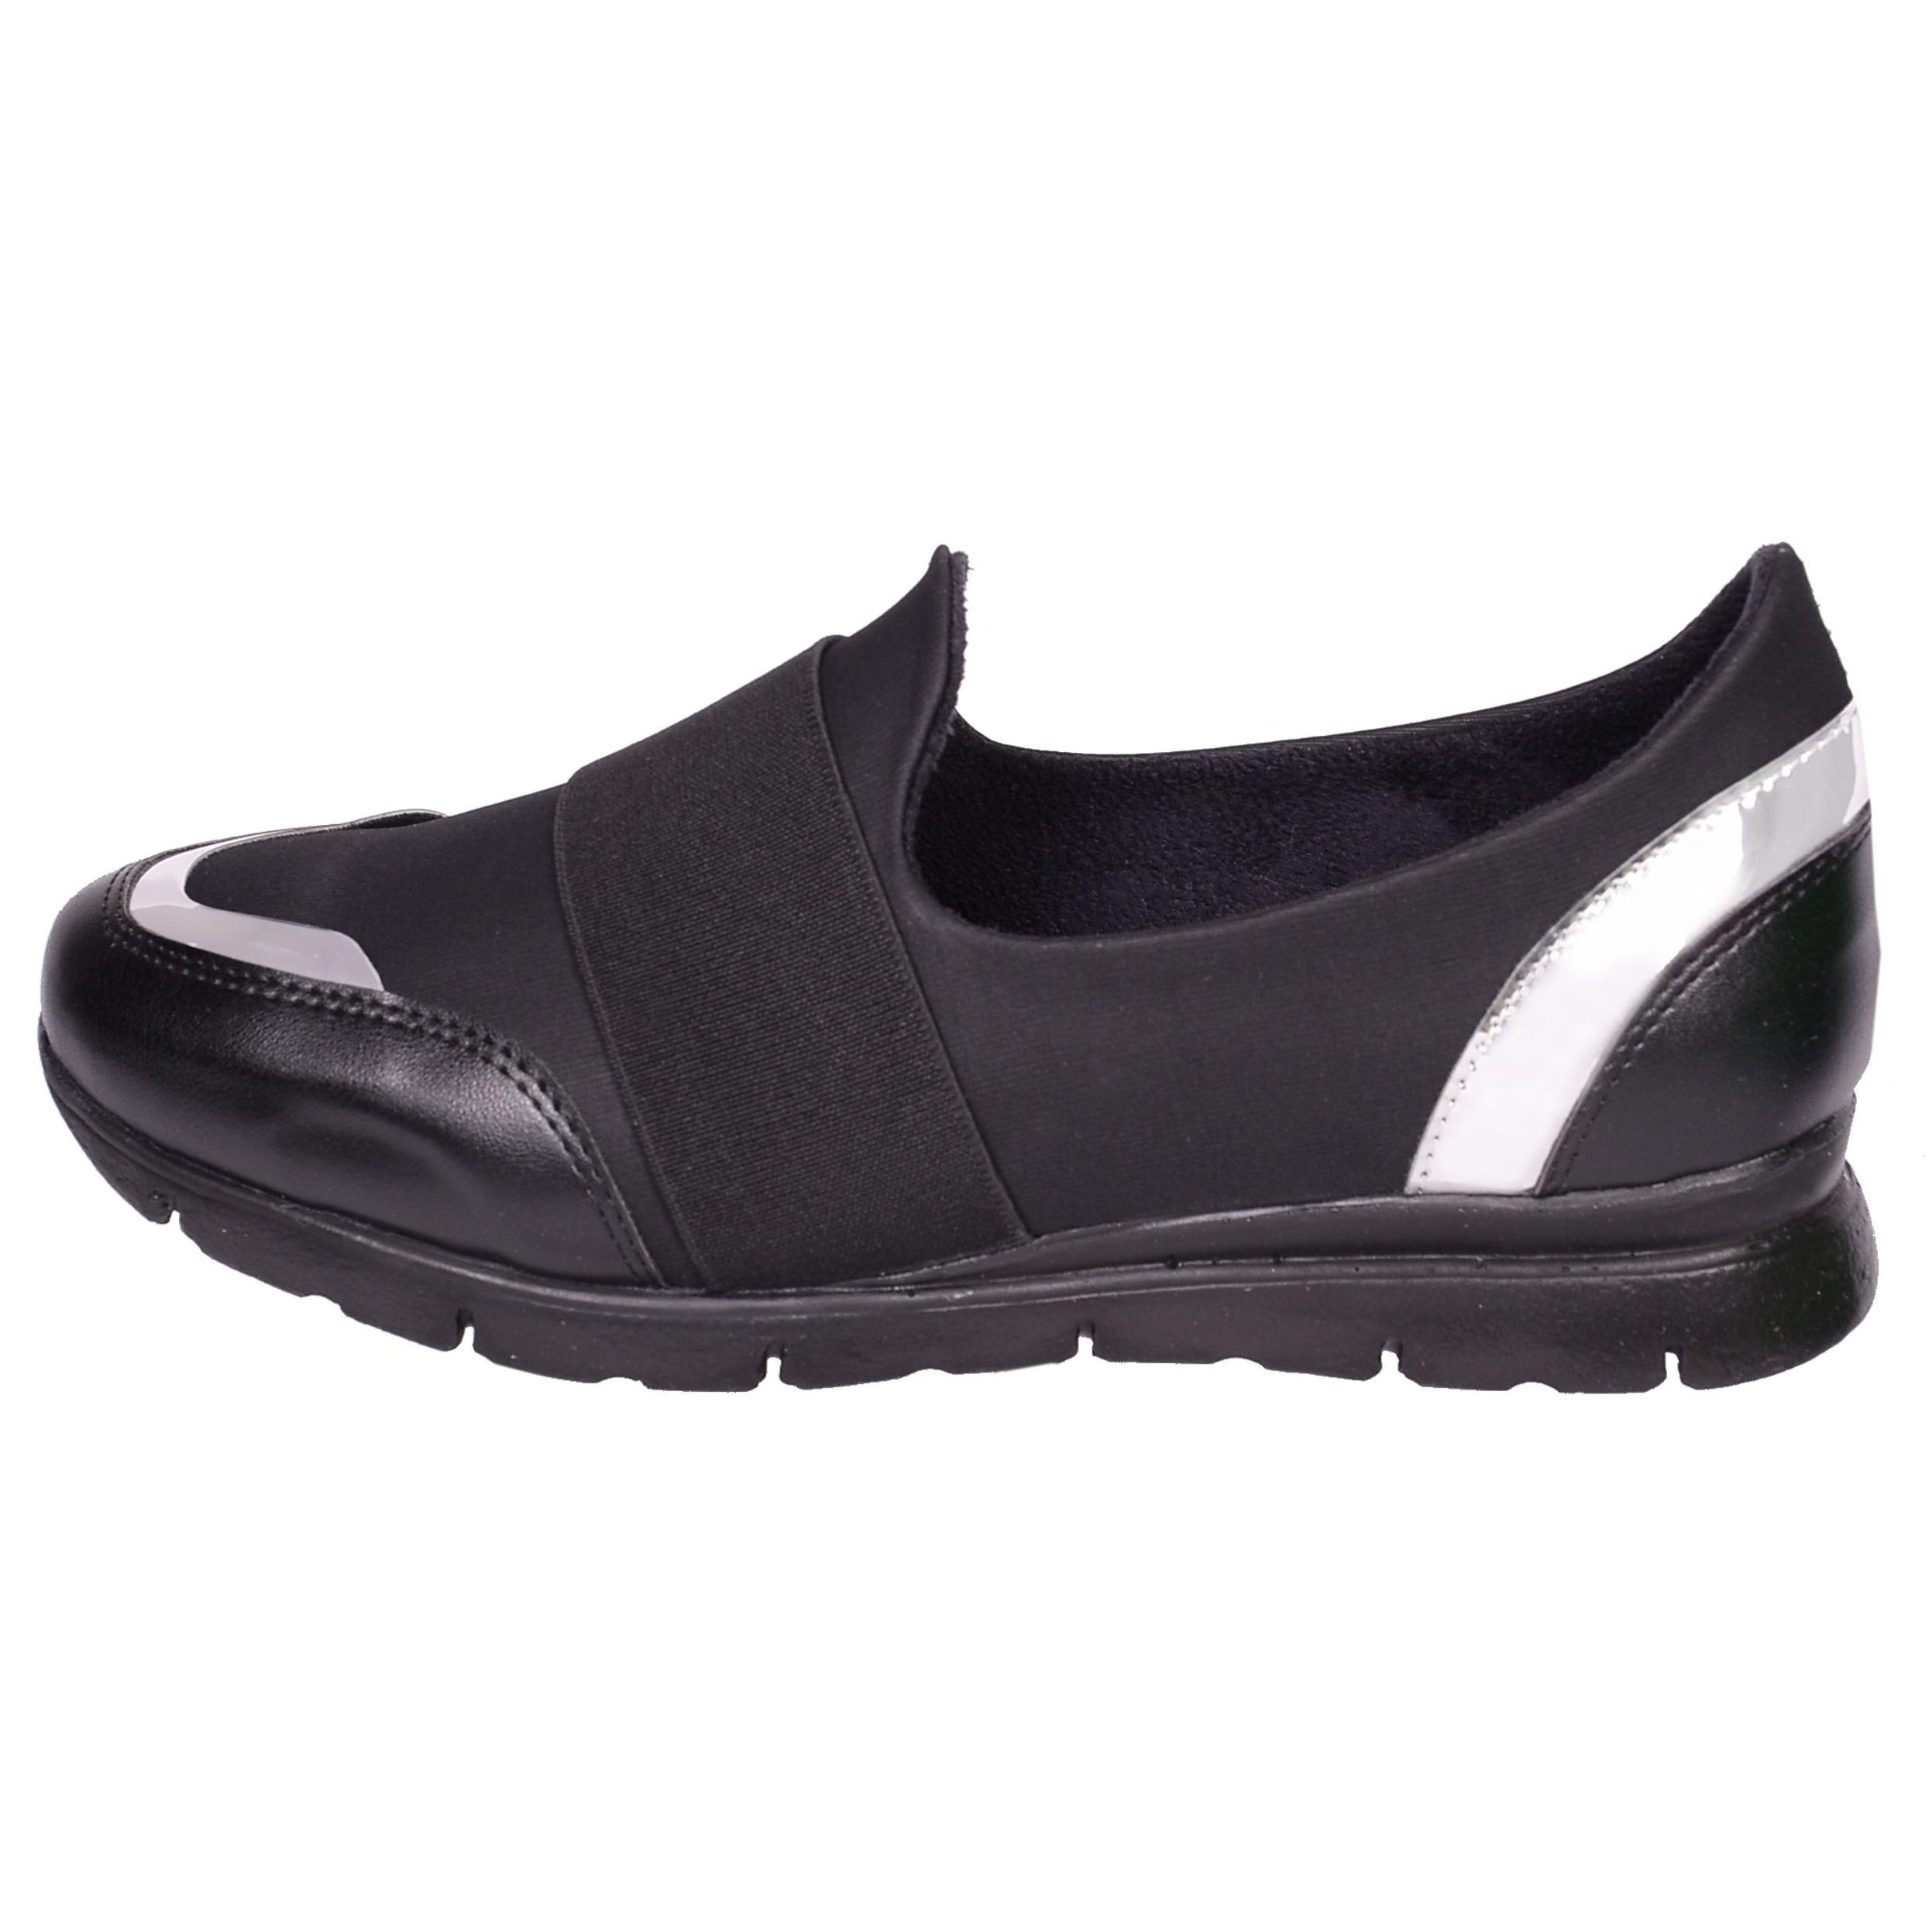 کفش مخصوص پیاده روی زنانه کد 2644